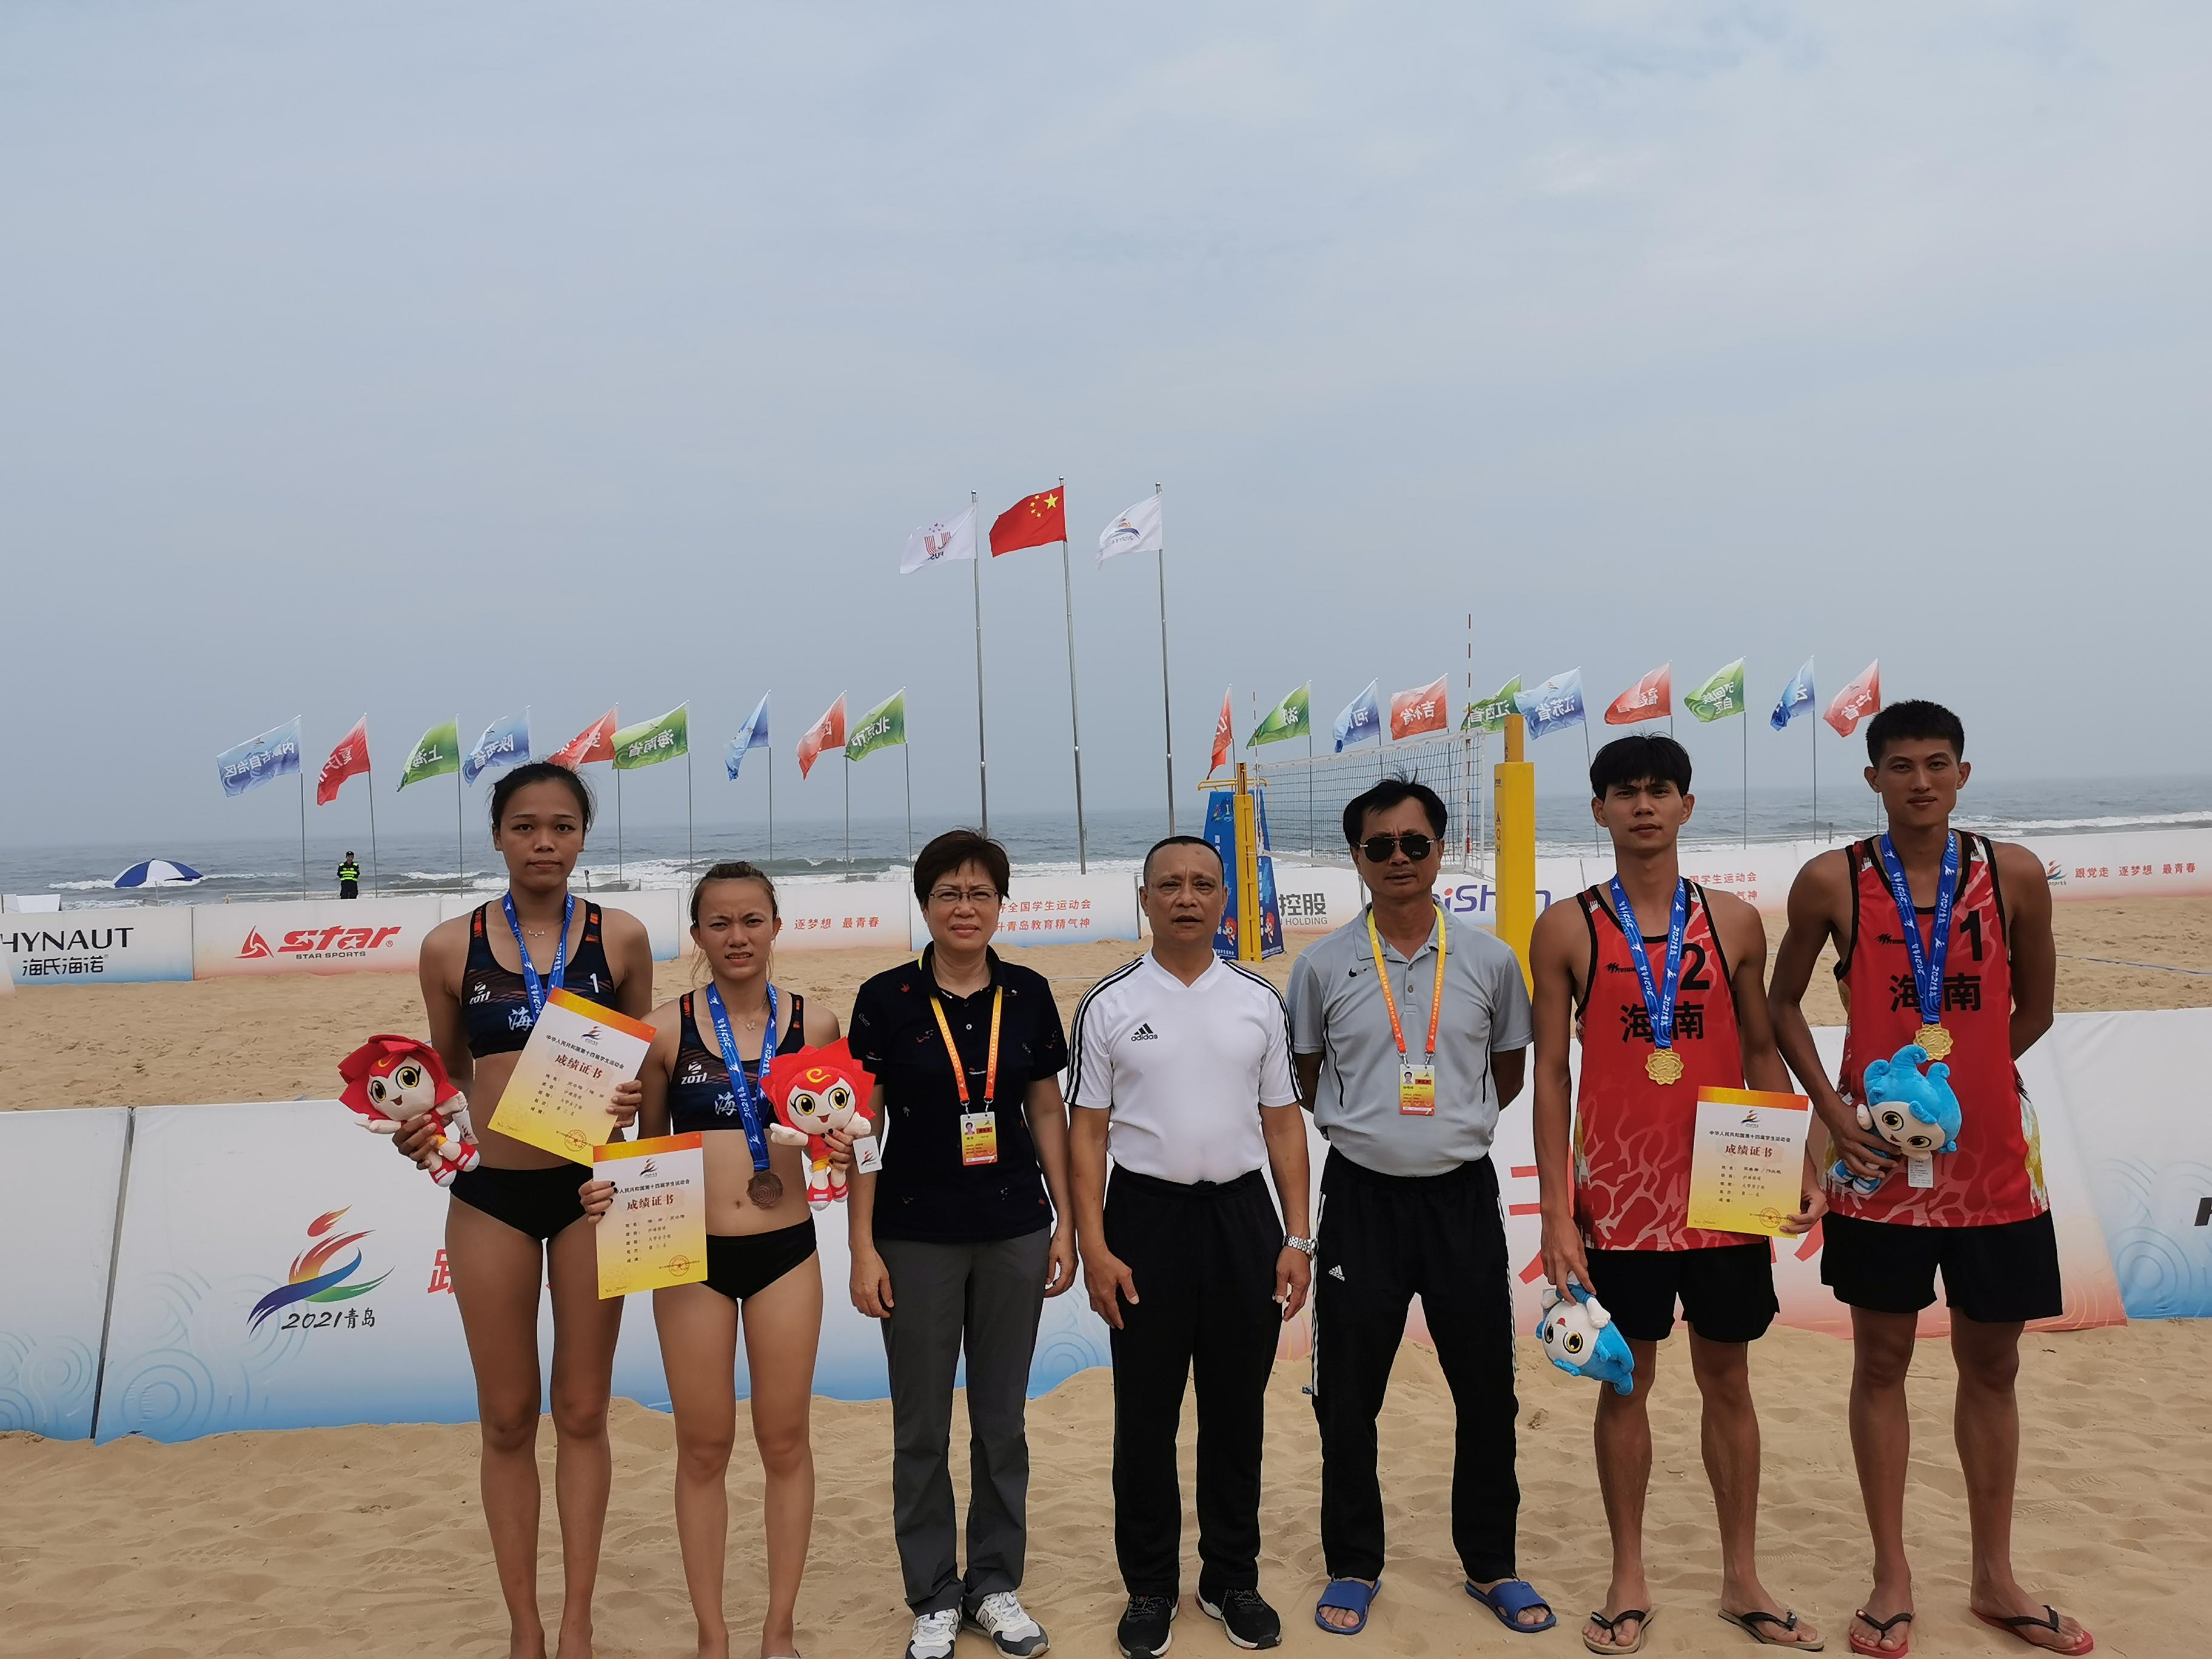 【喜报】热烈祝贺我校沙滩排球队在第十四届全国学生运动会中获得优异成绩